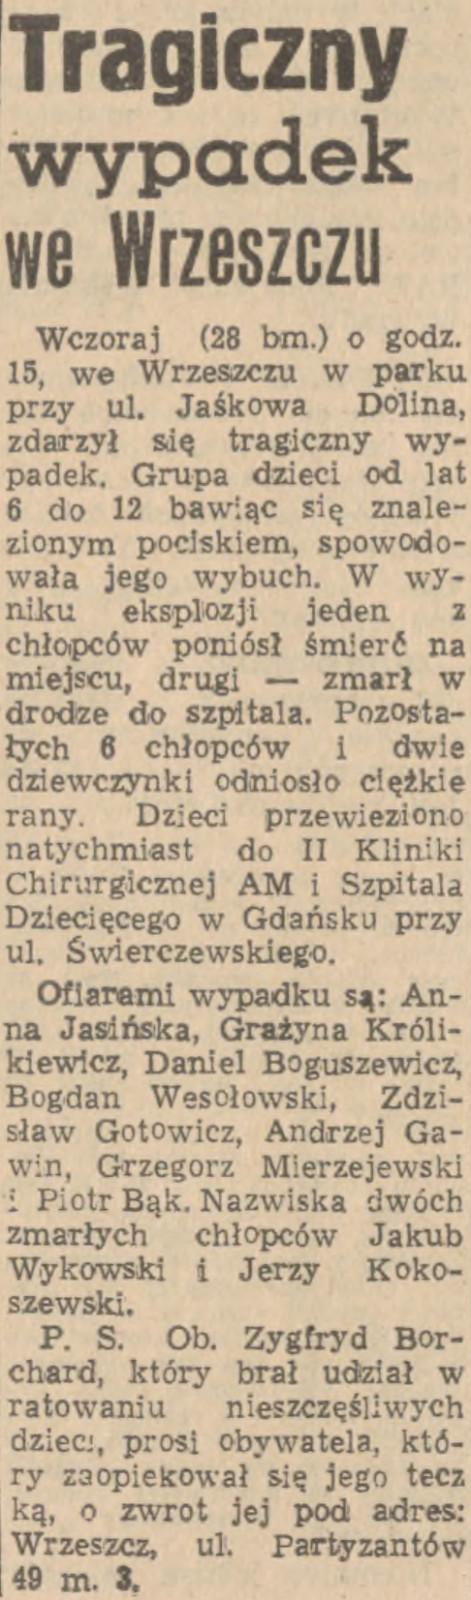 """Tragiczny wypadek w Parku Jaśkowej Doliny we Wrzeszczu wstrząsnął Trójmiastem; doniesienie """"Dziennika Bałtyckiego"""" z 29 czerwca 1957 r."""